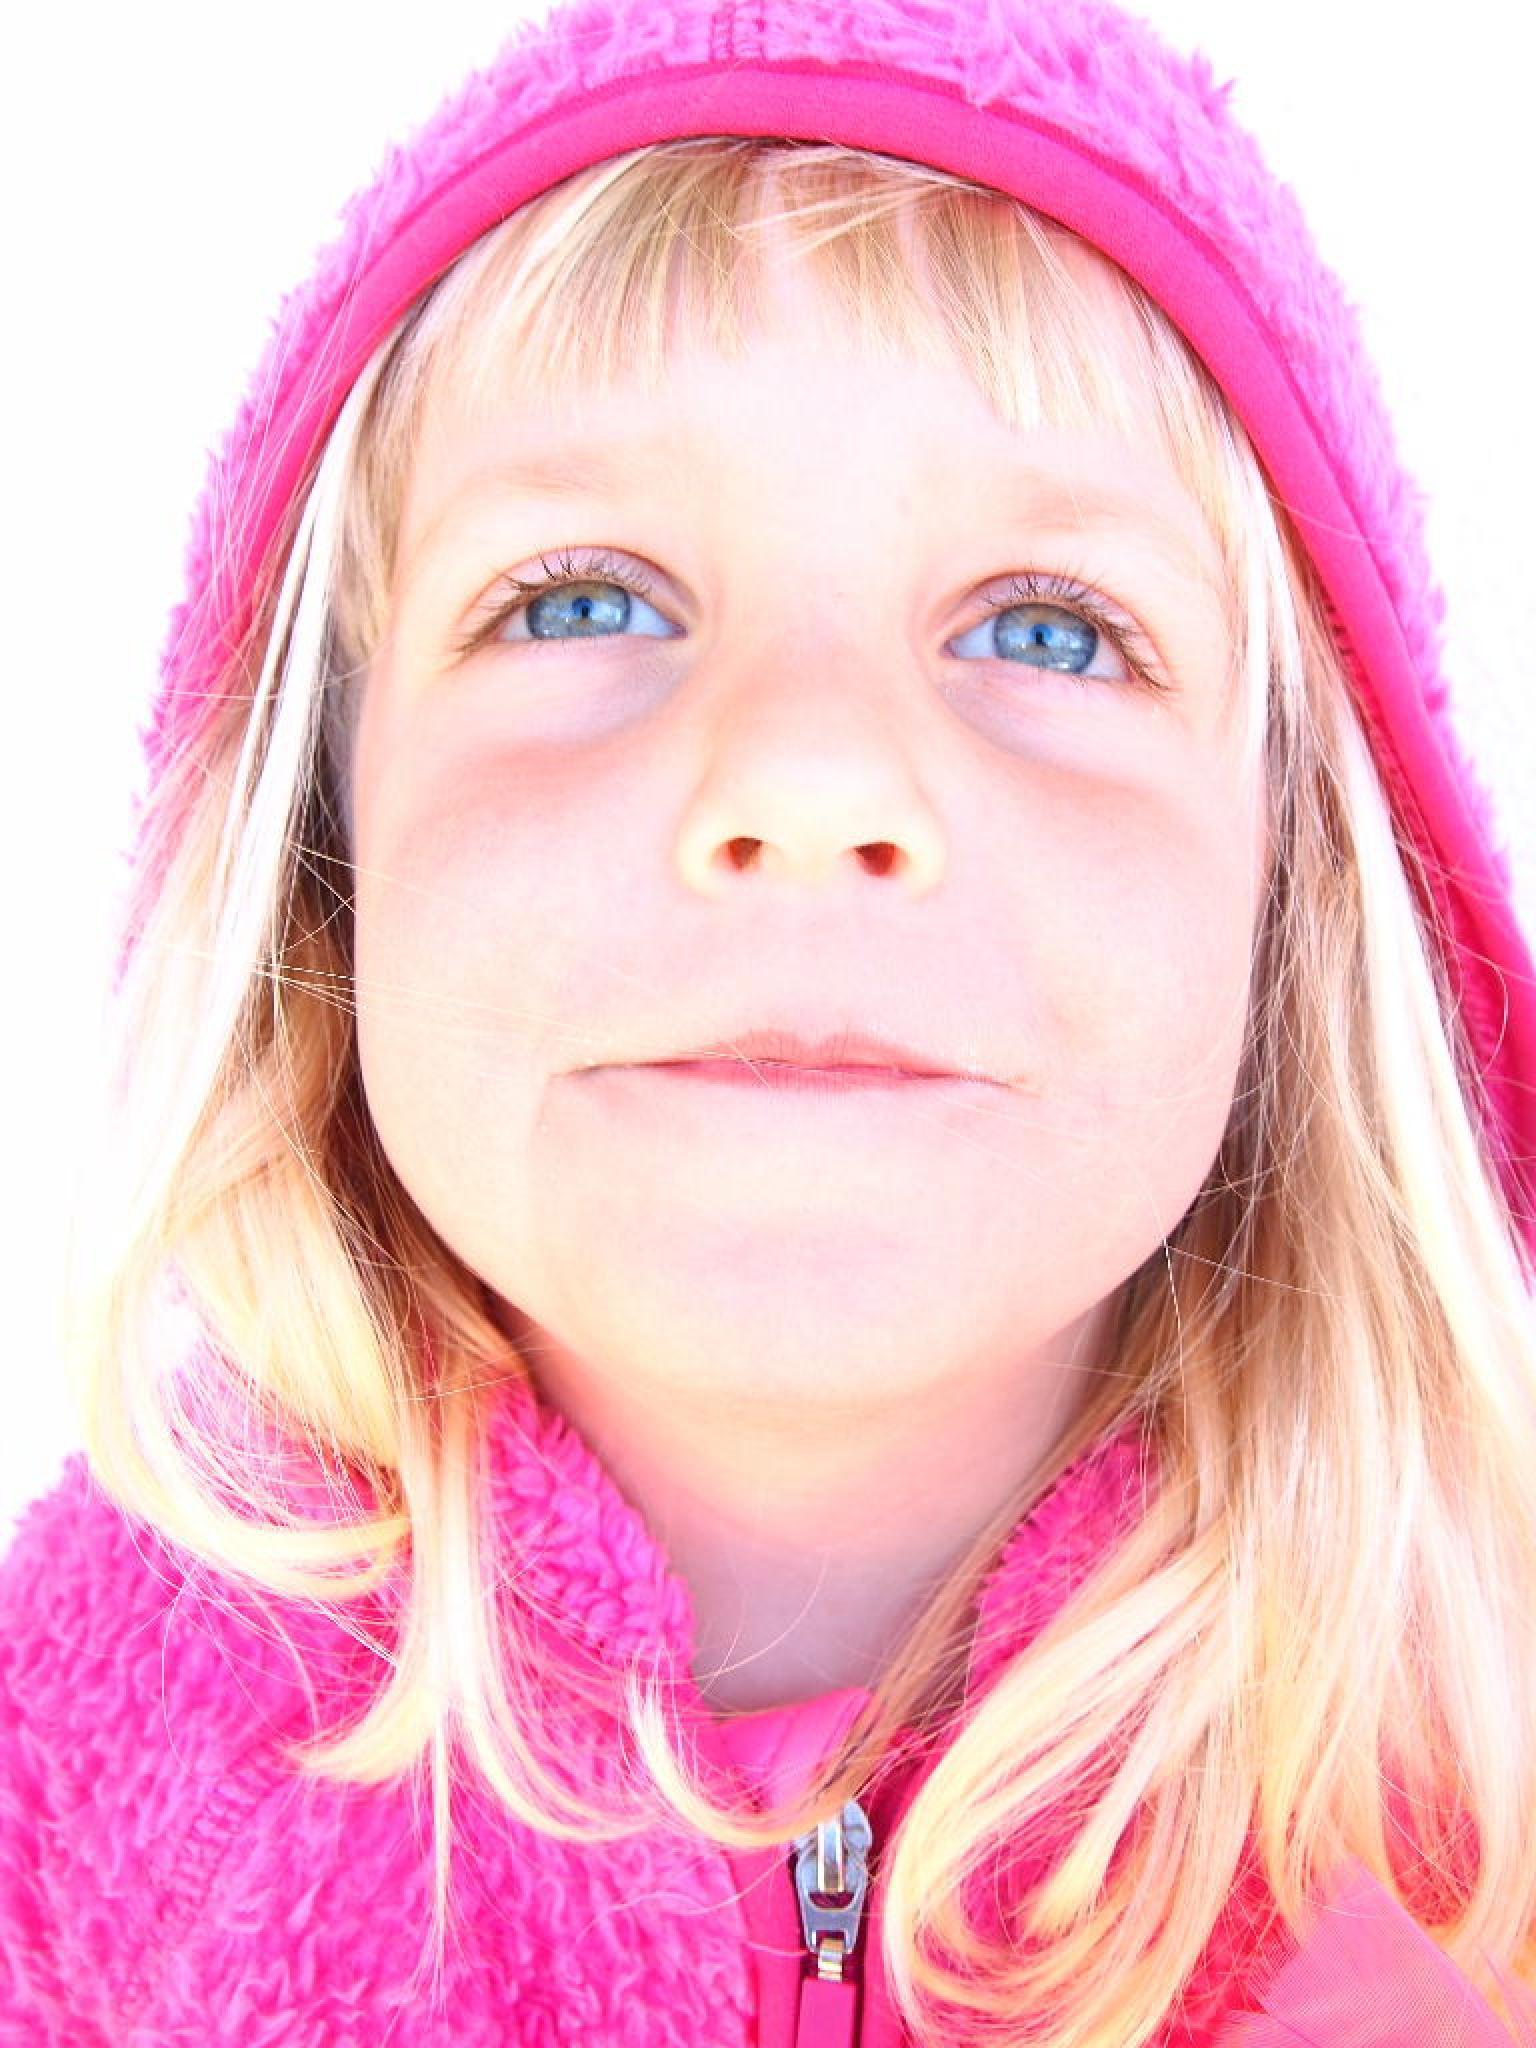 Girl in pink by synovemaria.borlaugdufva